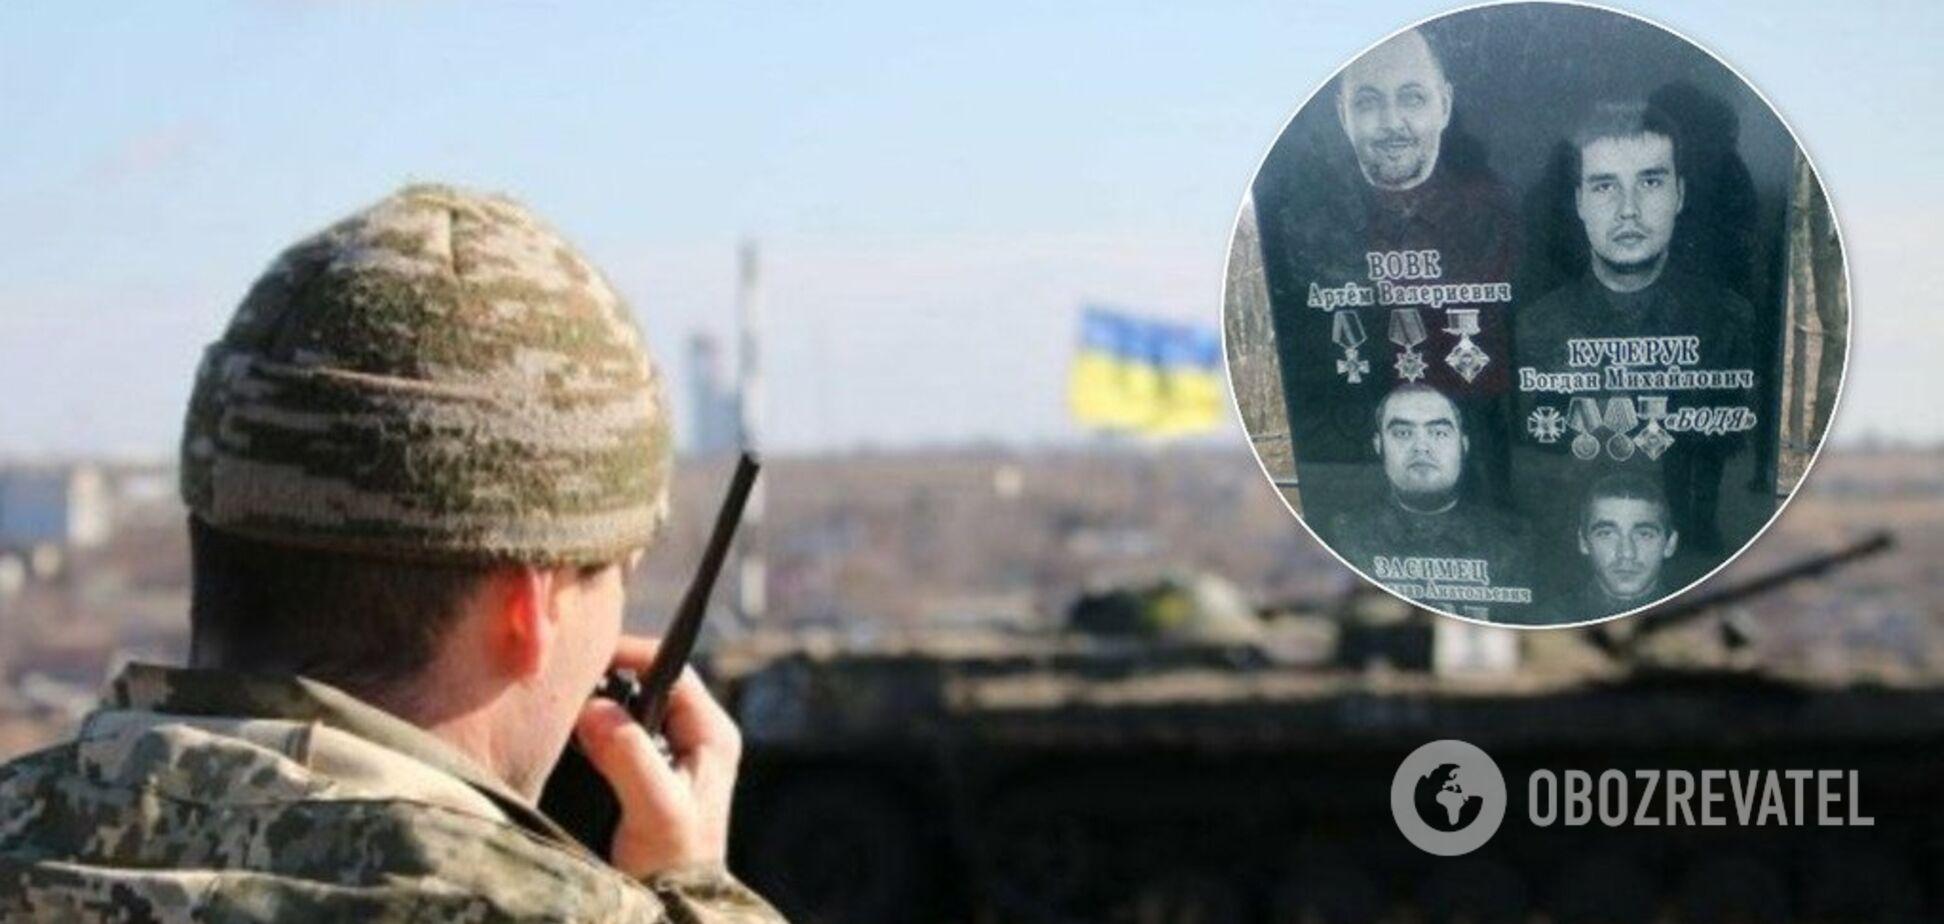 Минус 'Чебурашка' и 10 наемников Путина: стало известно о блестящей спецоперации ВСУ